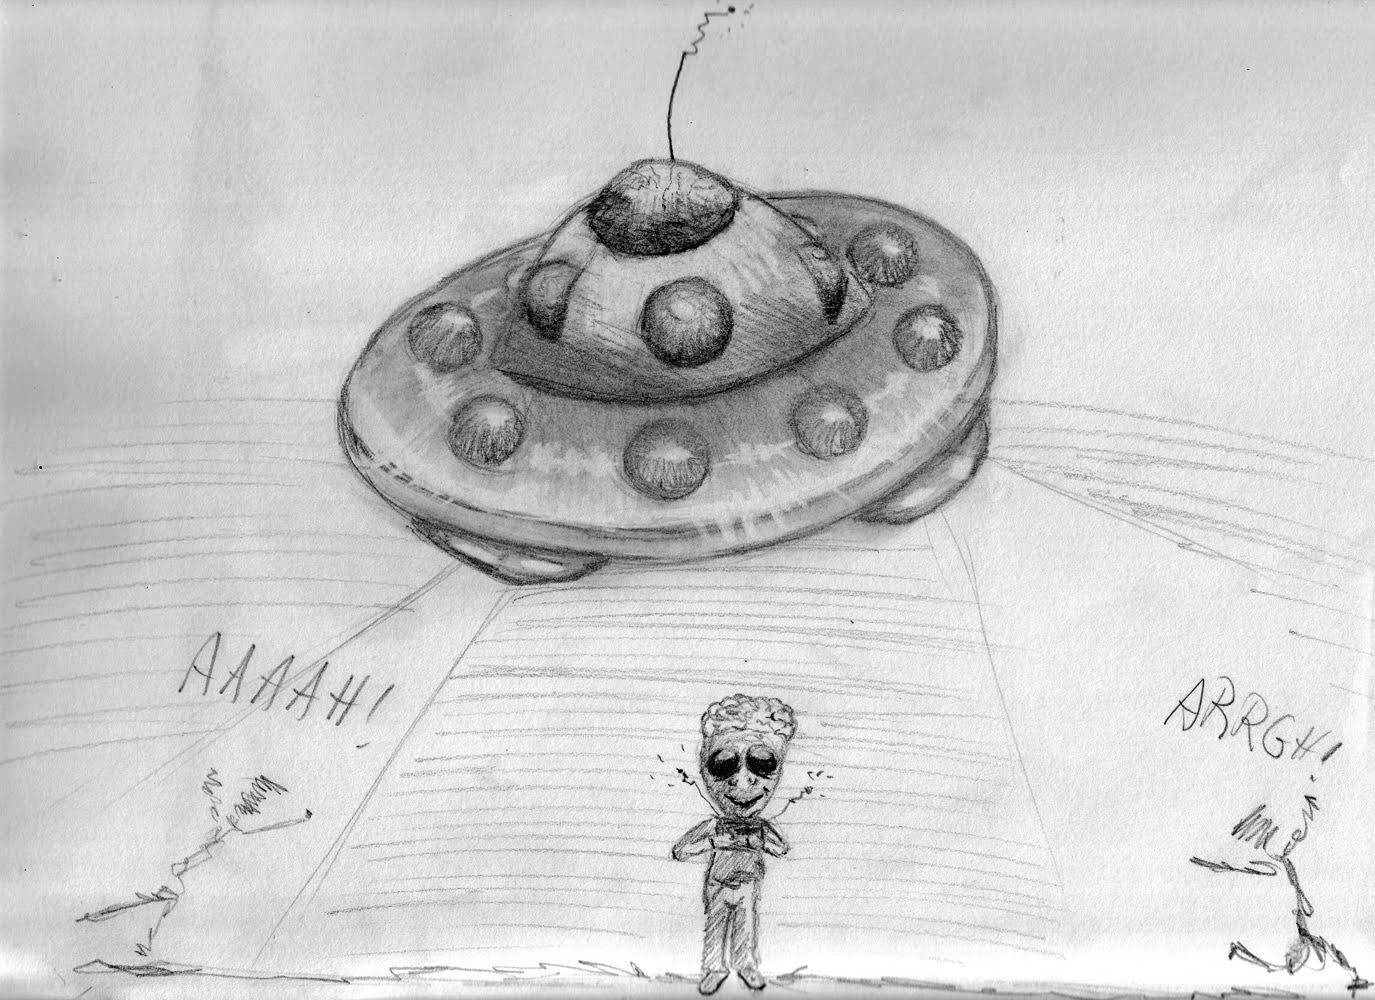 Dessin Soucoupe Volante le blogue des 100 dessins: 66/100- une soucoupe volante